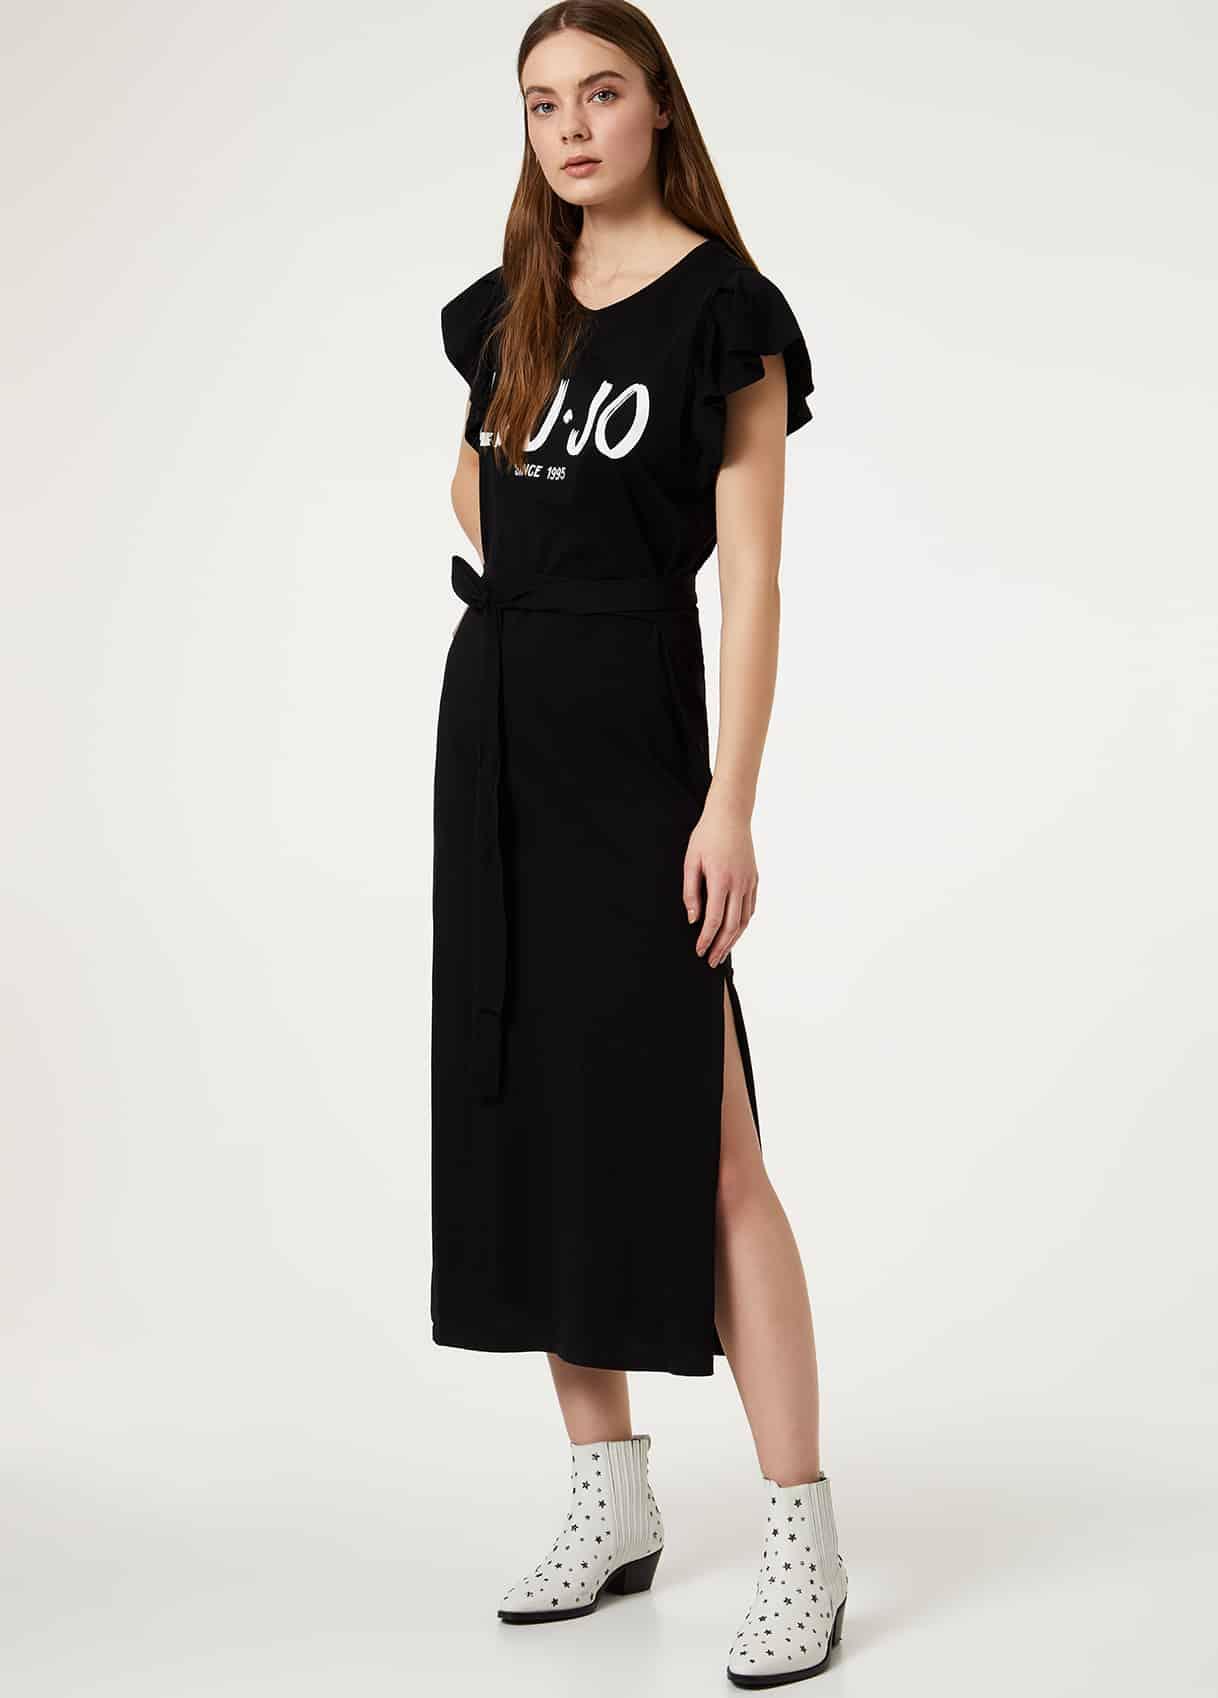 8056156938690-Dresses-maxidresses-FA0416J570309096-I-AF-N-R-01-N